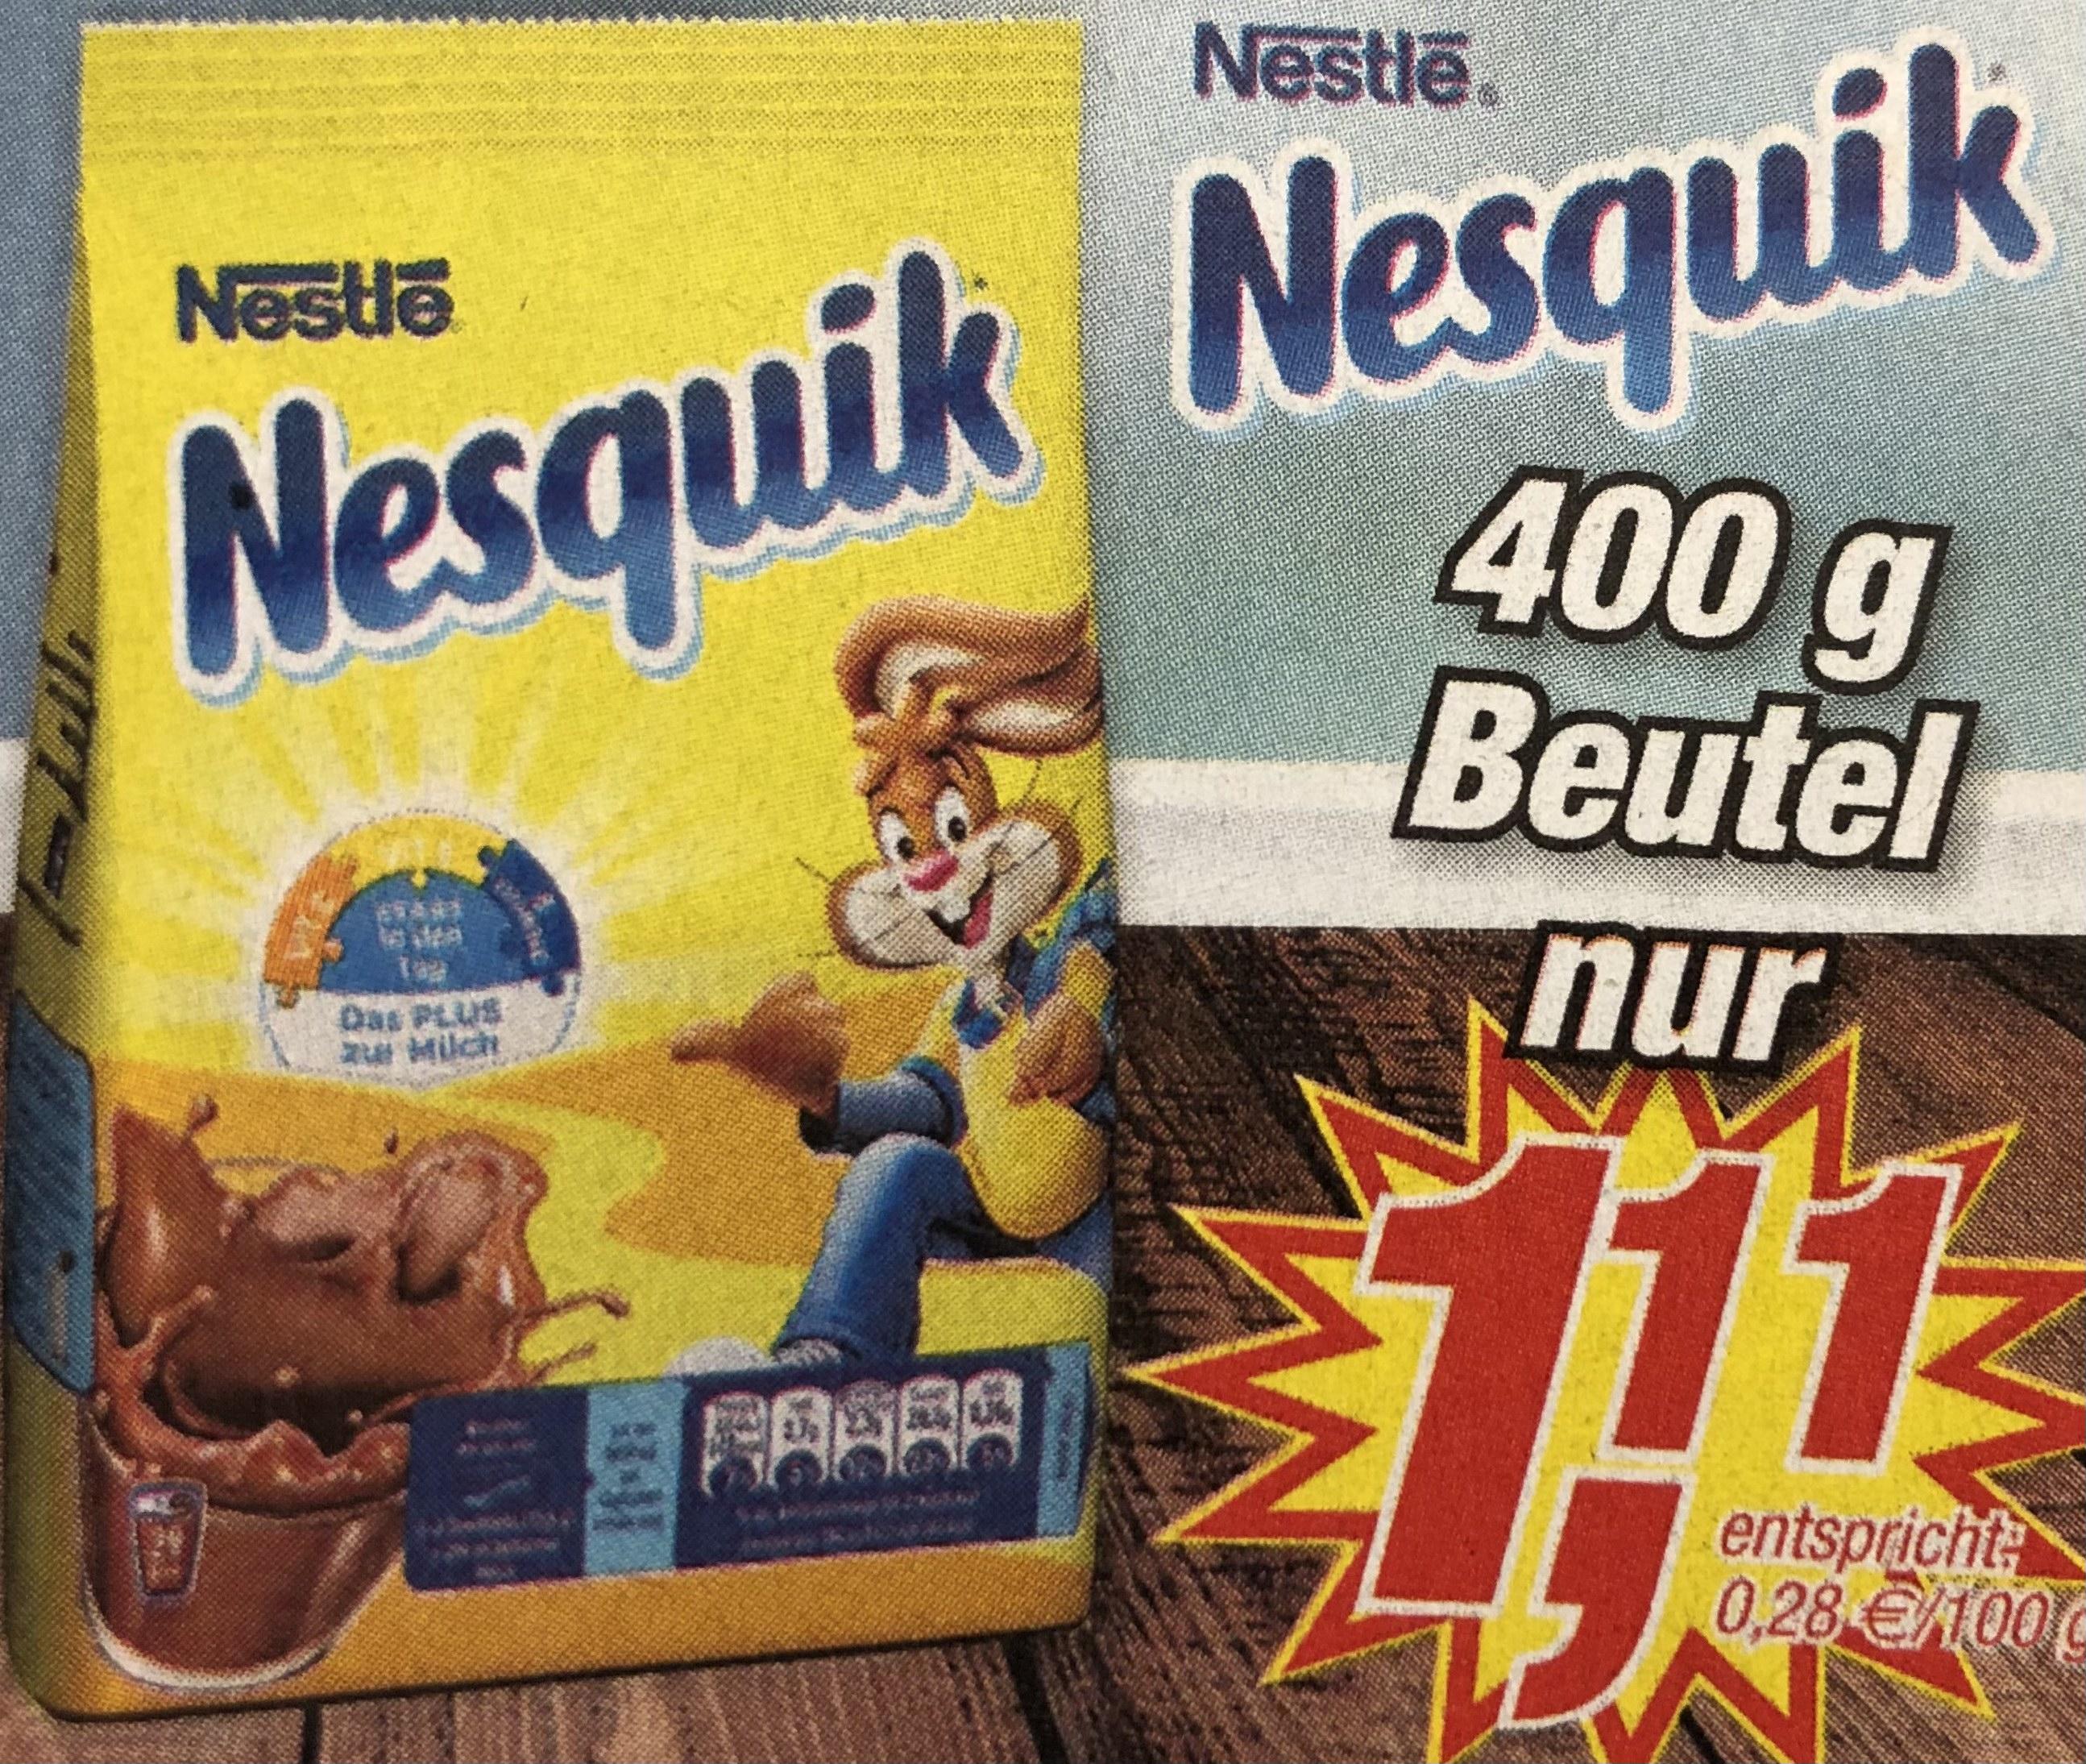 [Posten Börse] Nestle Nesquik Kakaopulver 400g (Bestpreis)